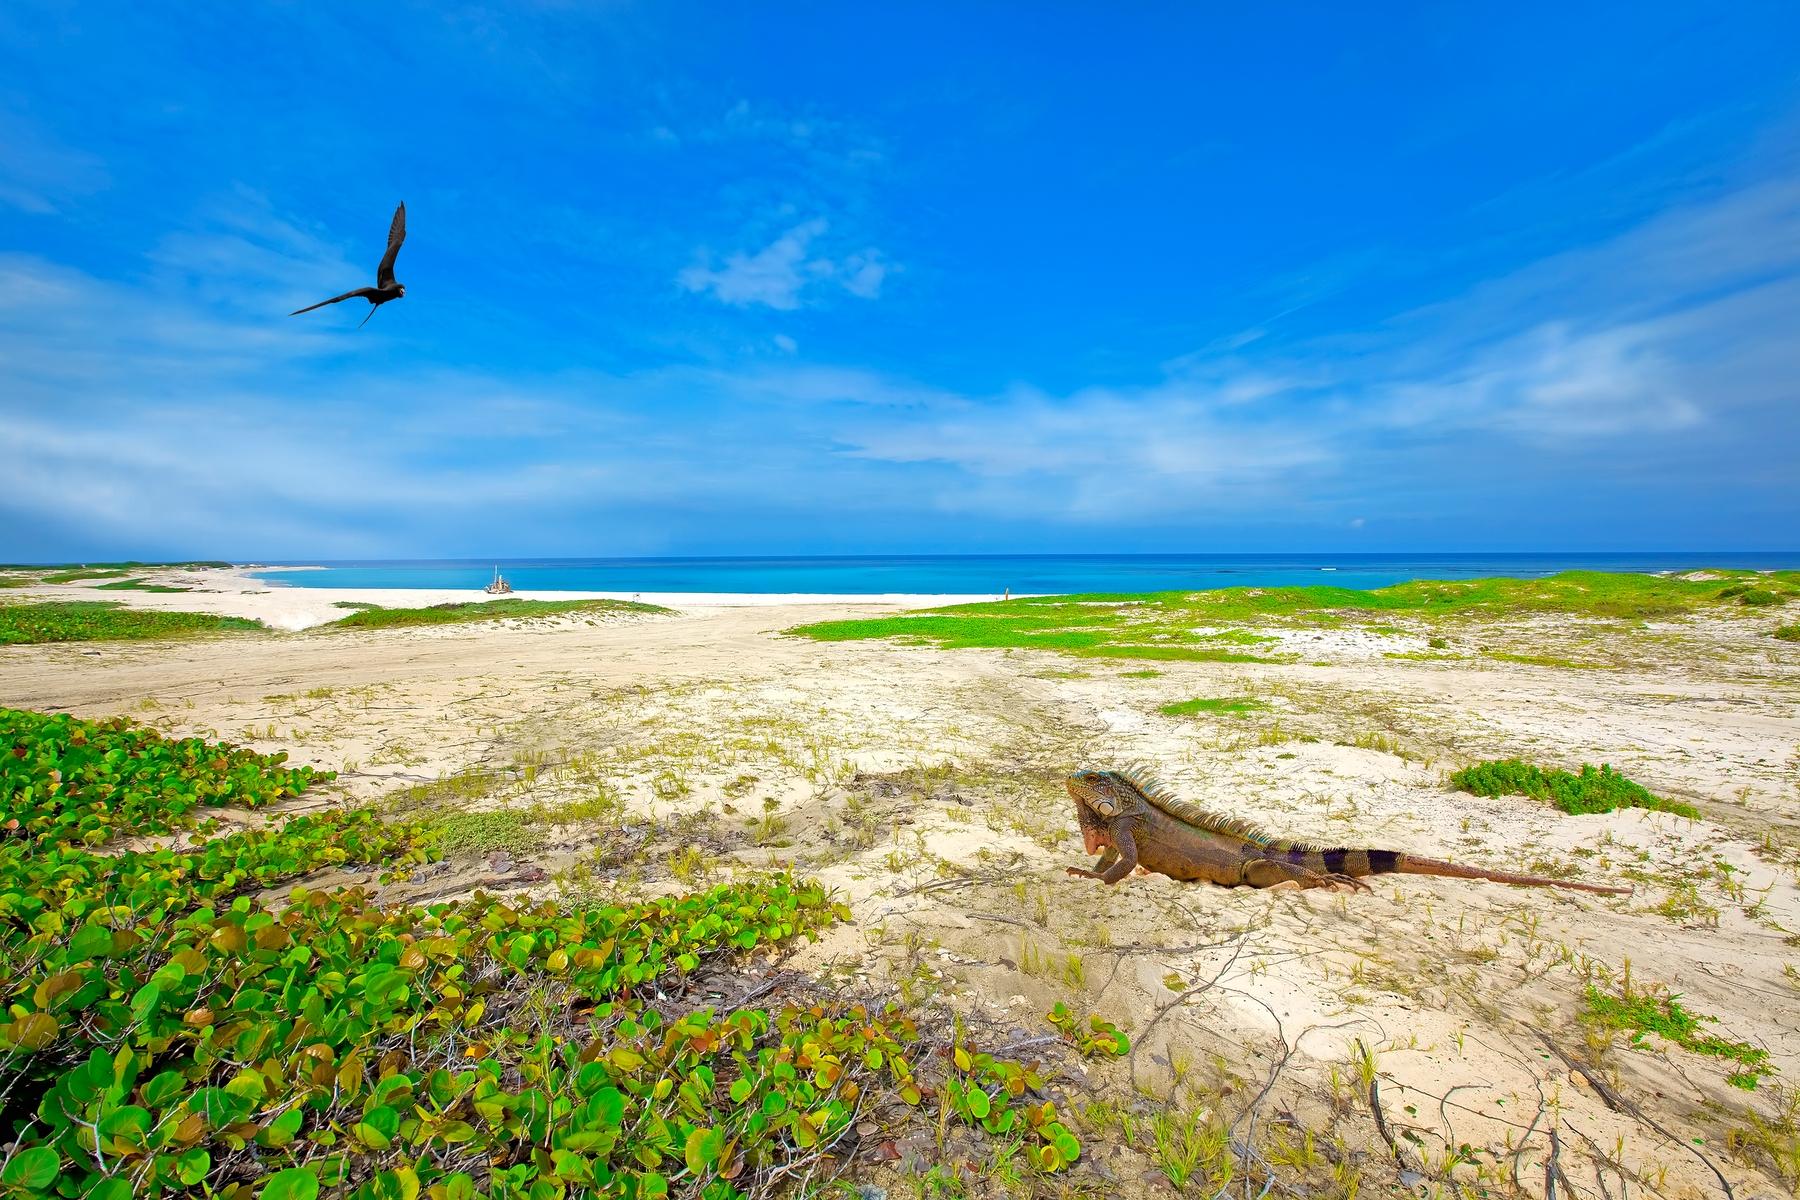 Игуана на пустынной территории острова Аруба – так выглядят неизведанные места.